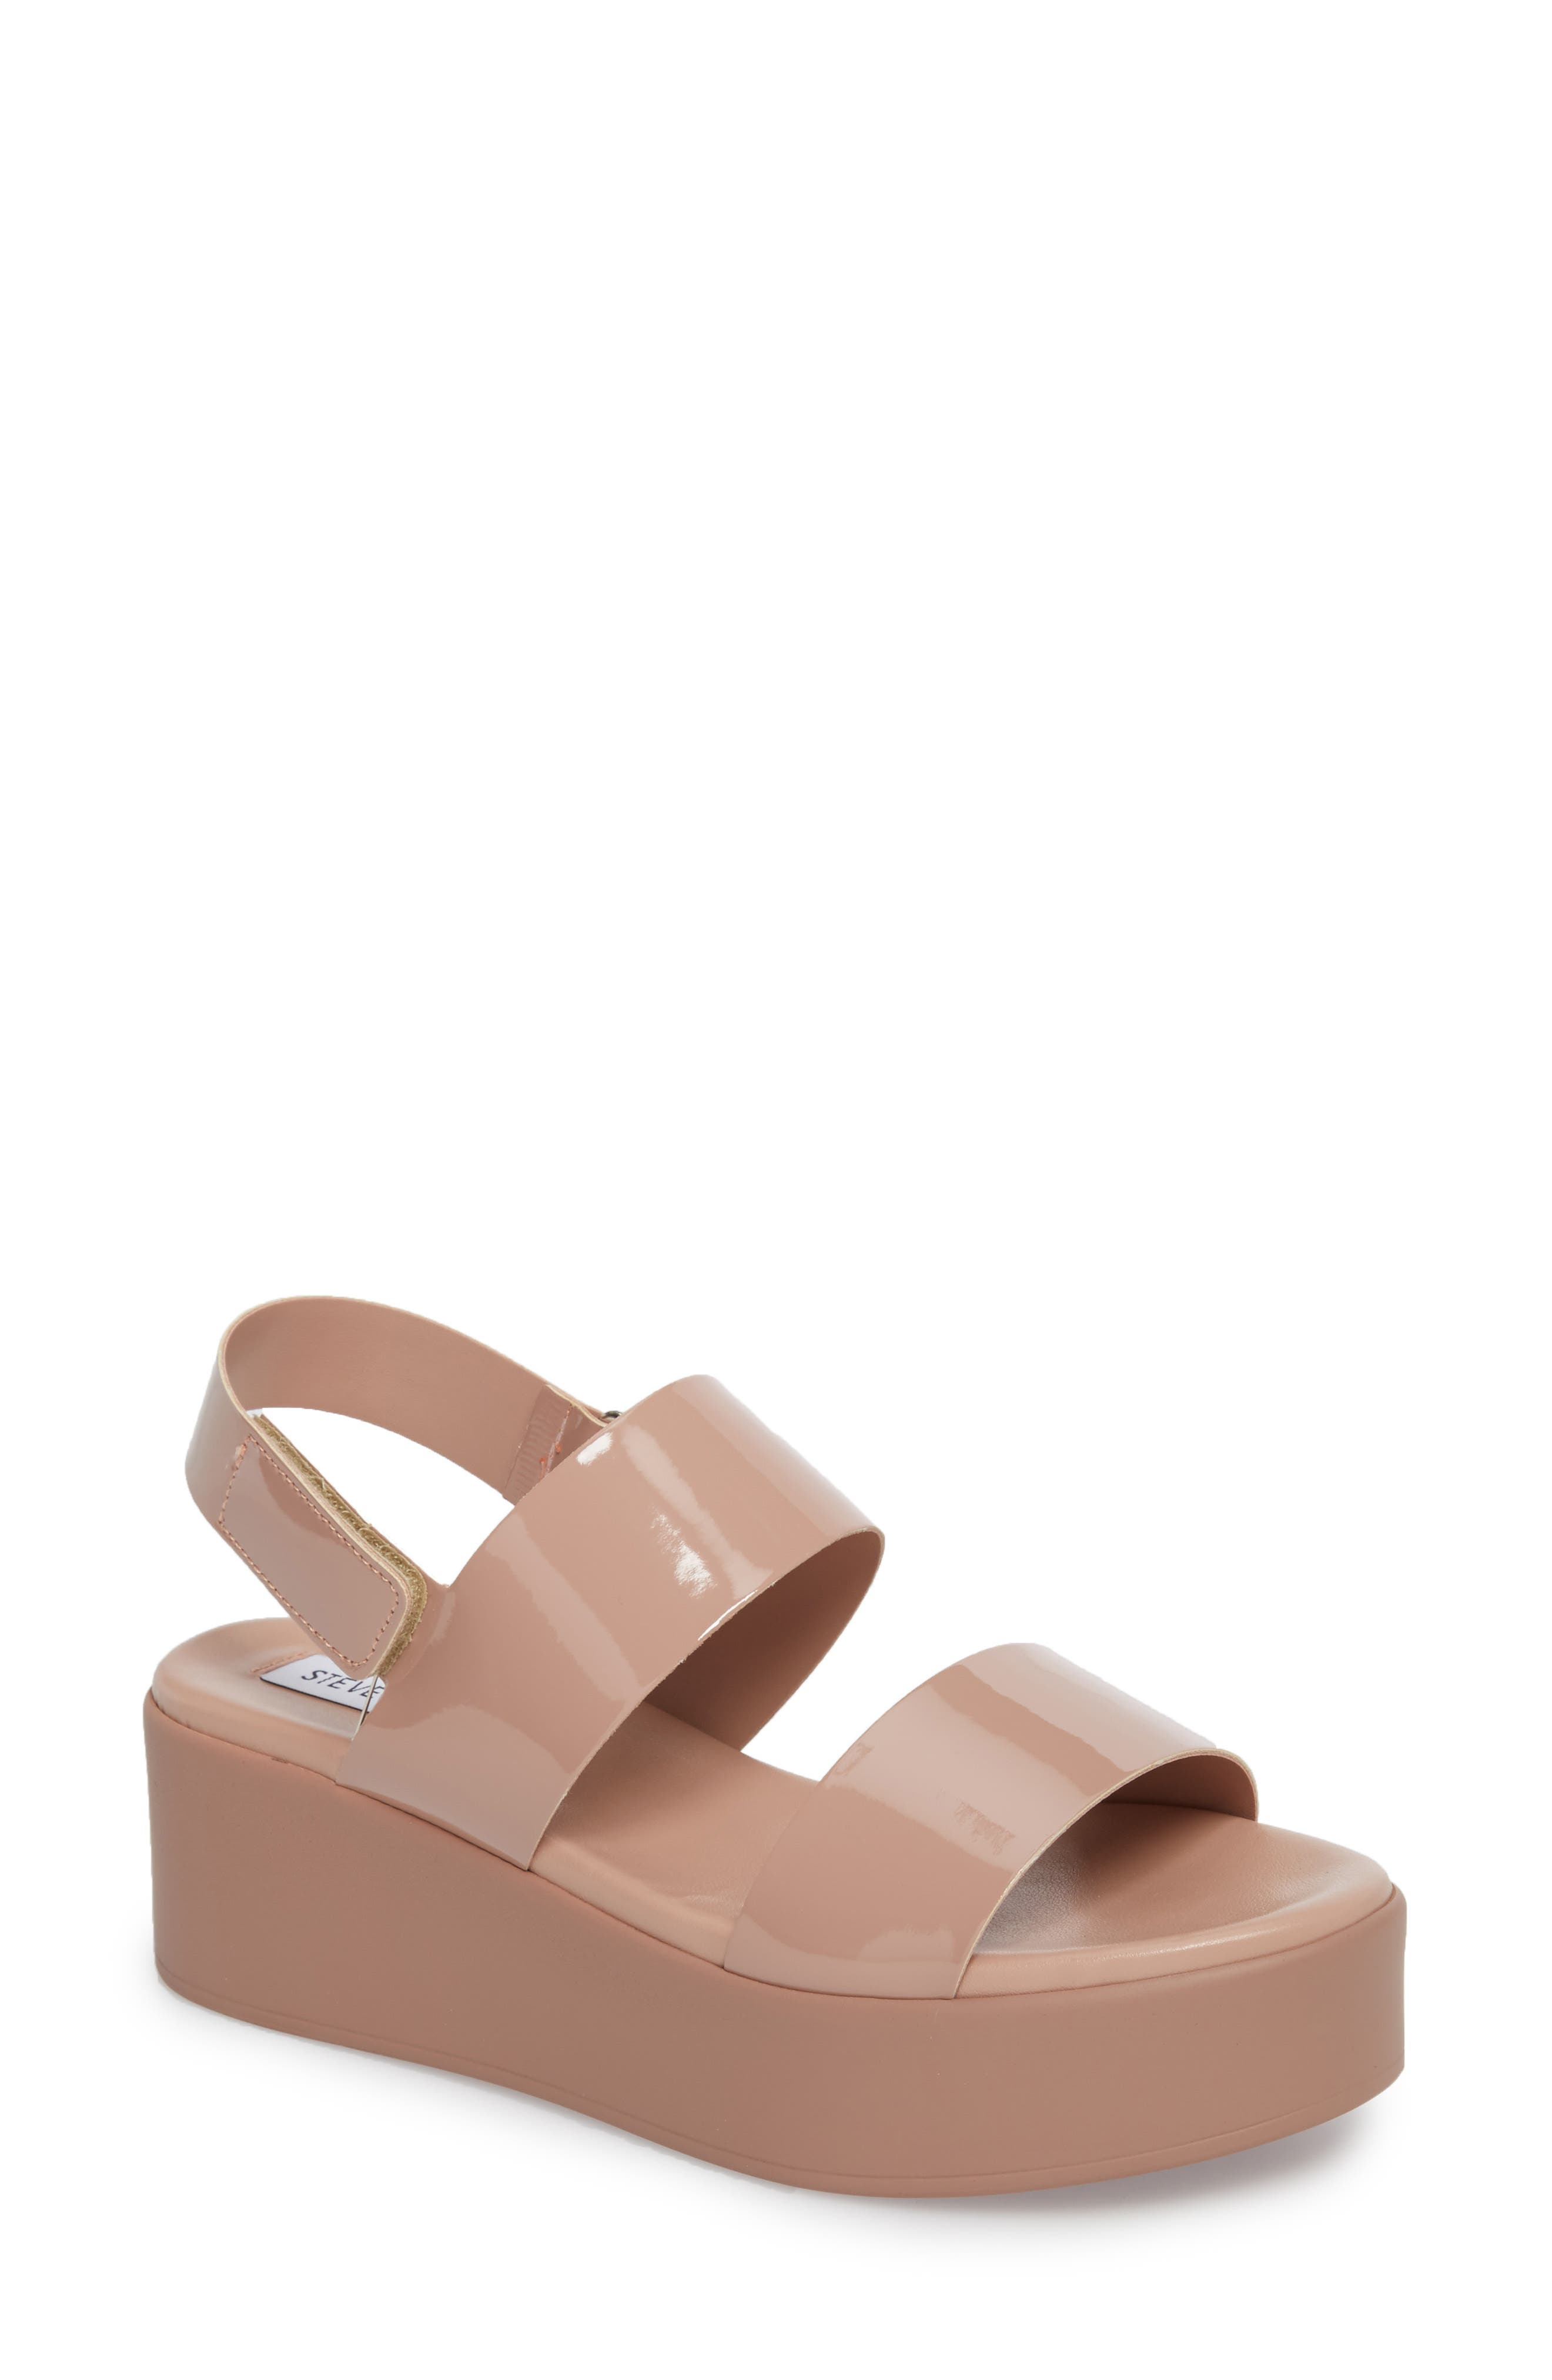 Alternate Image 1 Selected - Steve Madden Rachel Platform Wedge Sandal (Women)